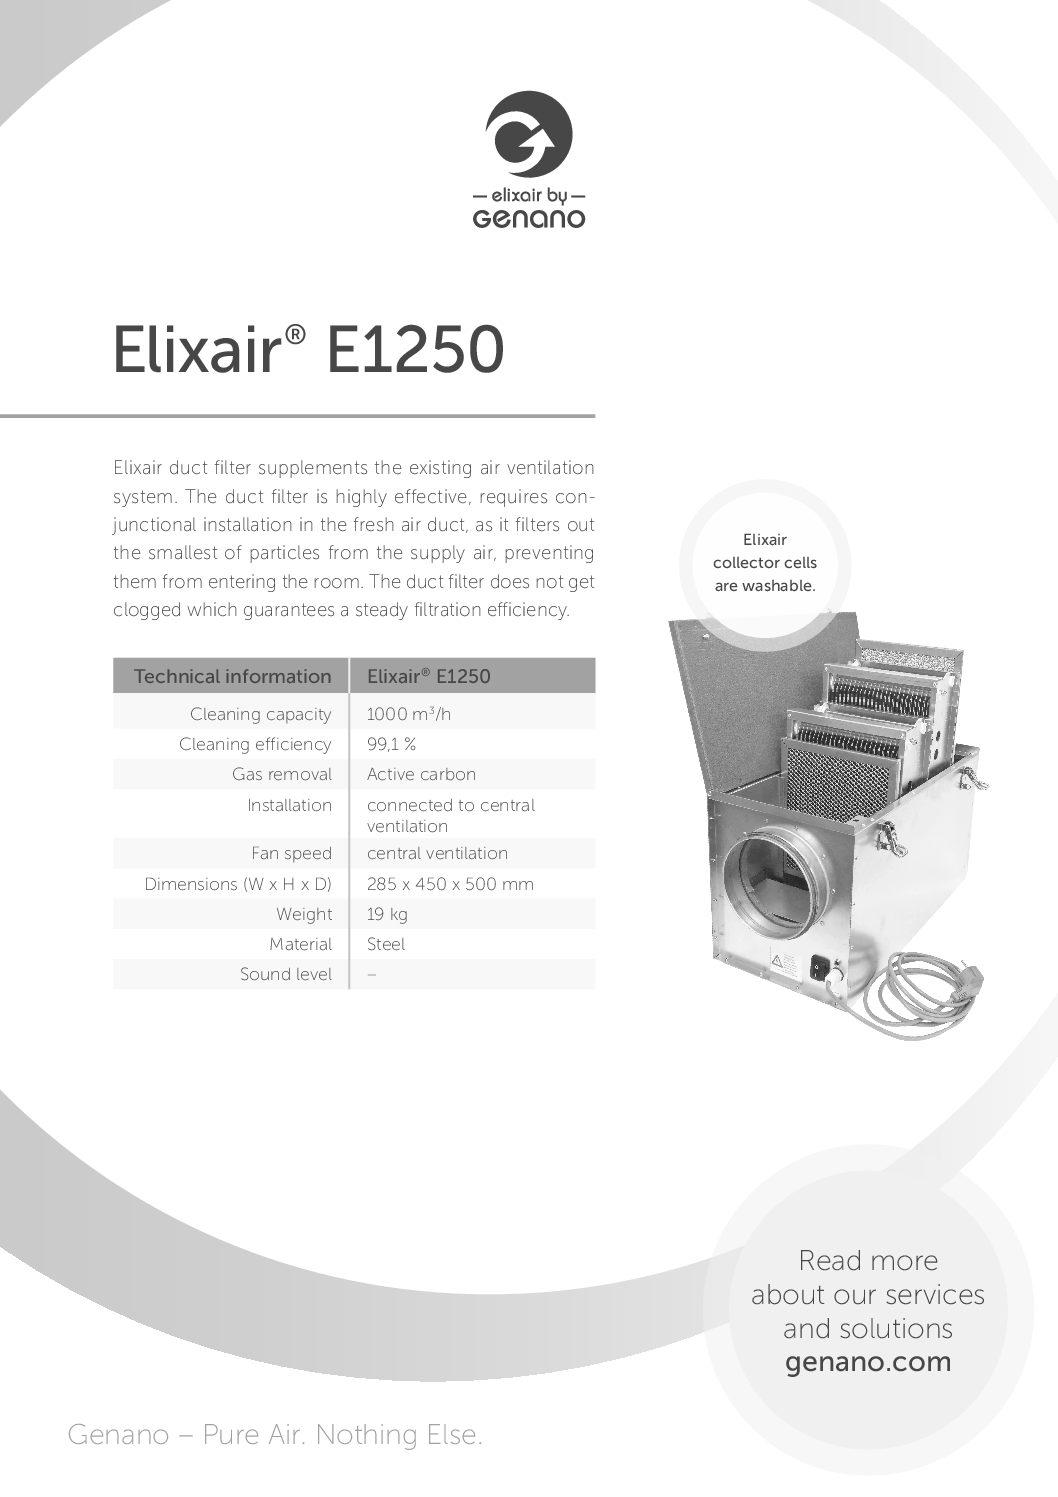 Genano - Elixair E1250